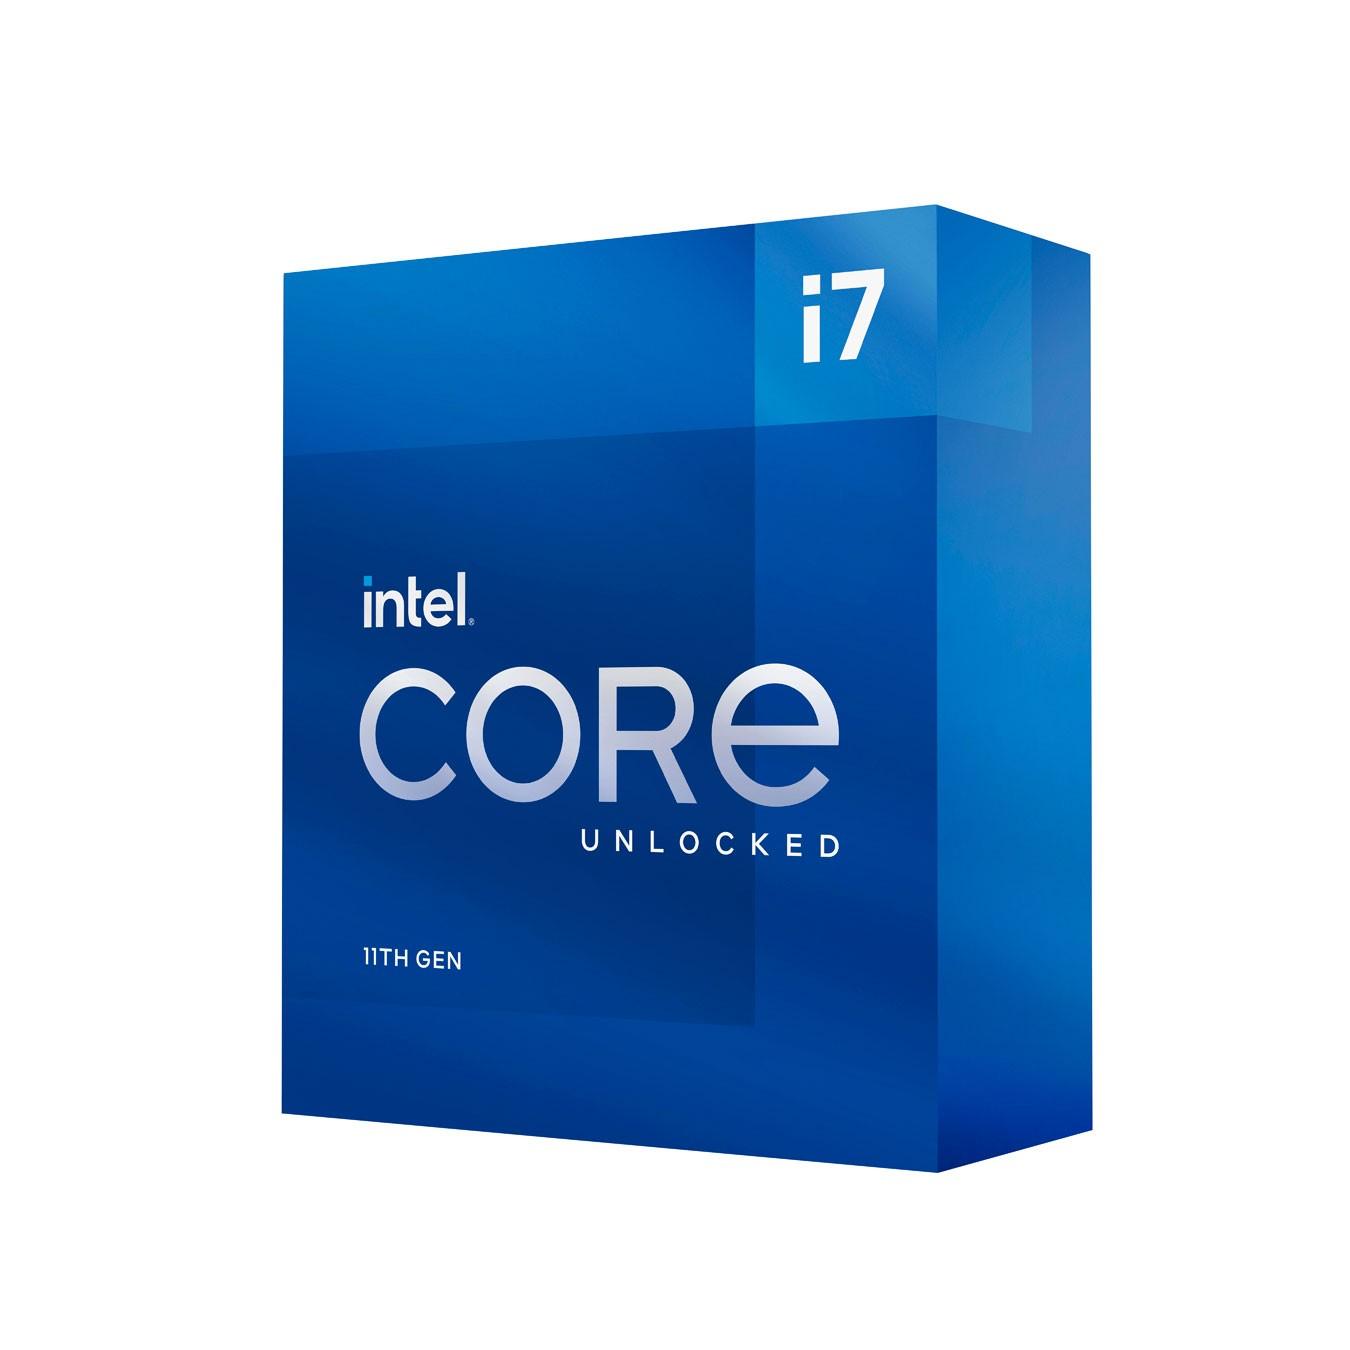 GEARVN.COM - CPU Intel Core i7-11700K